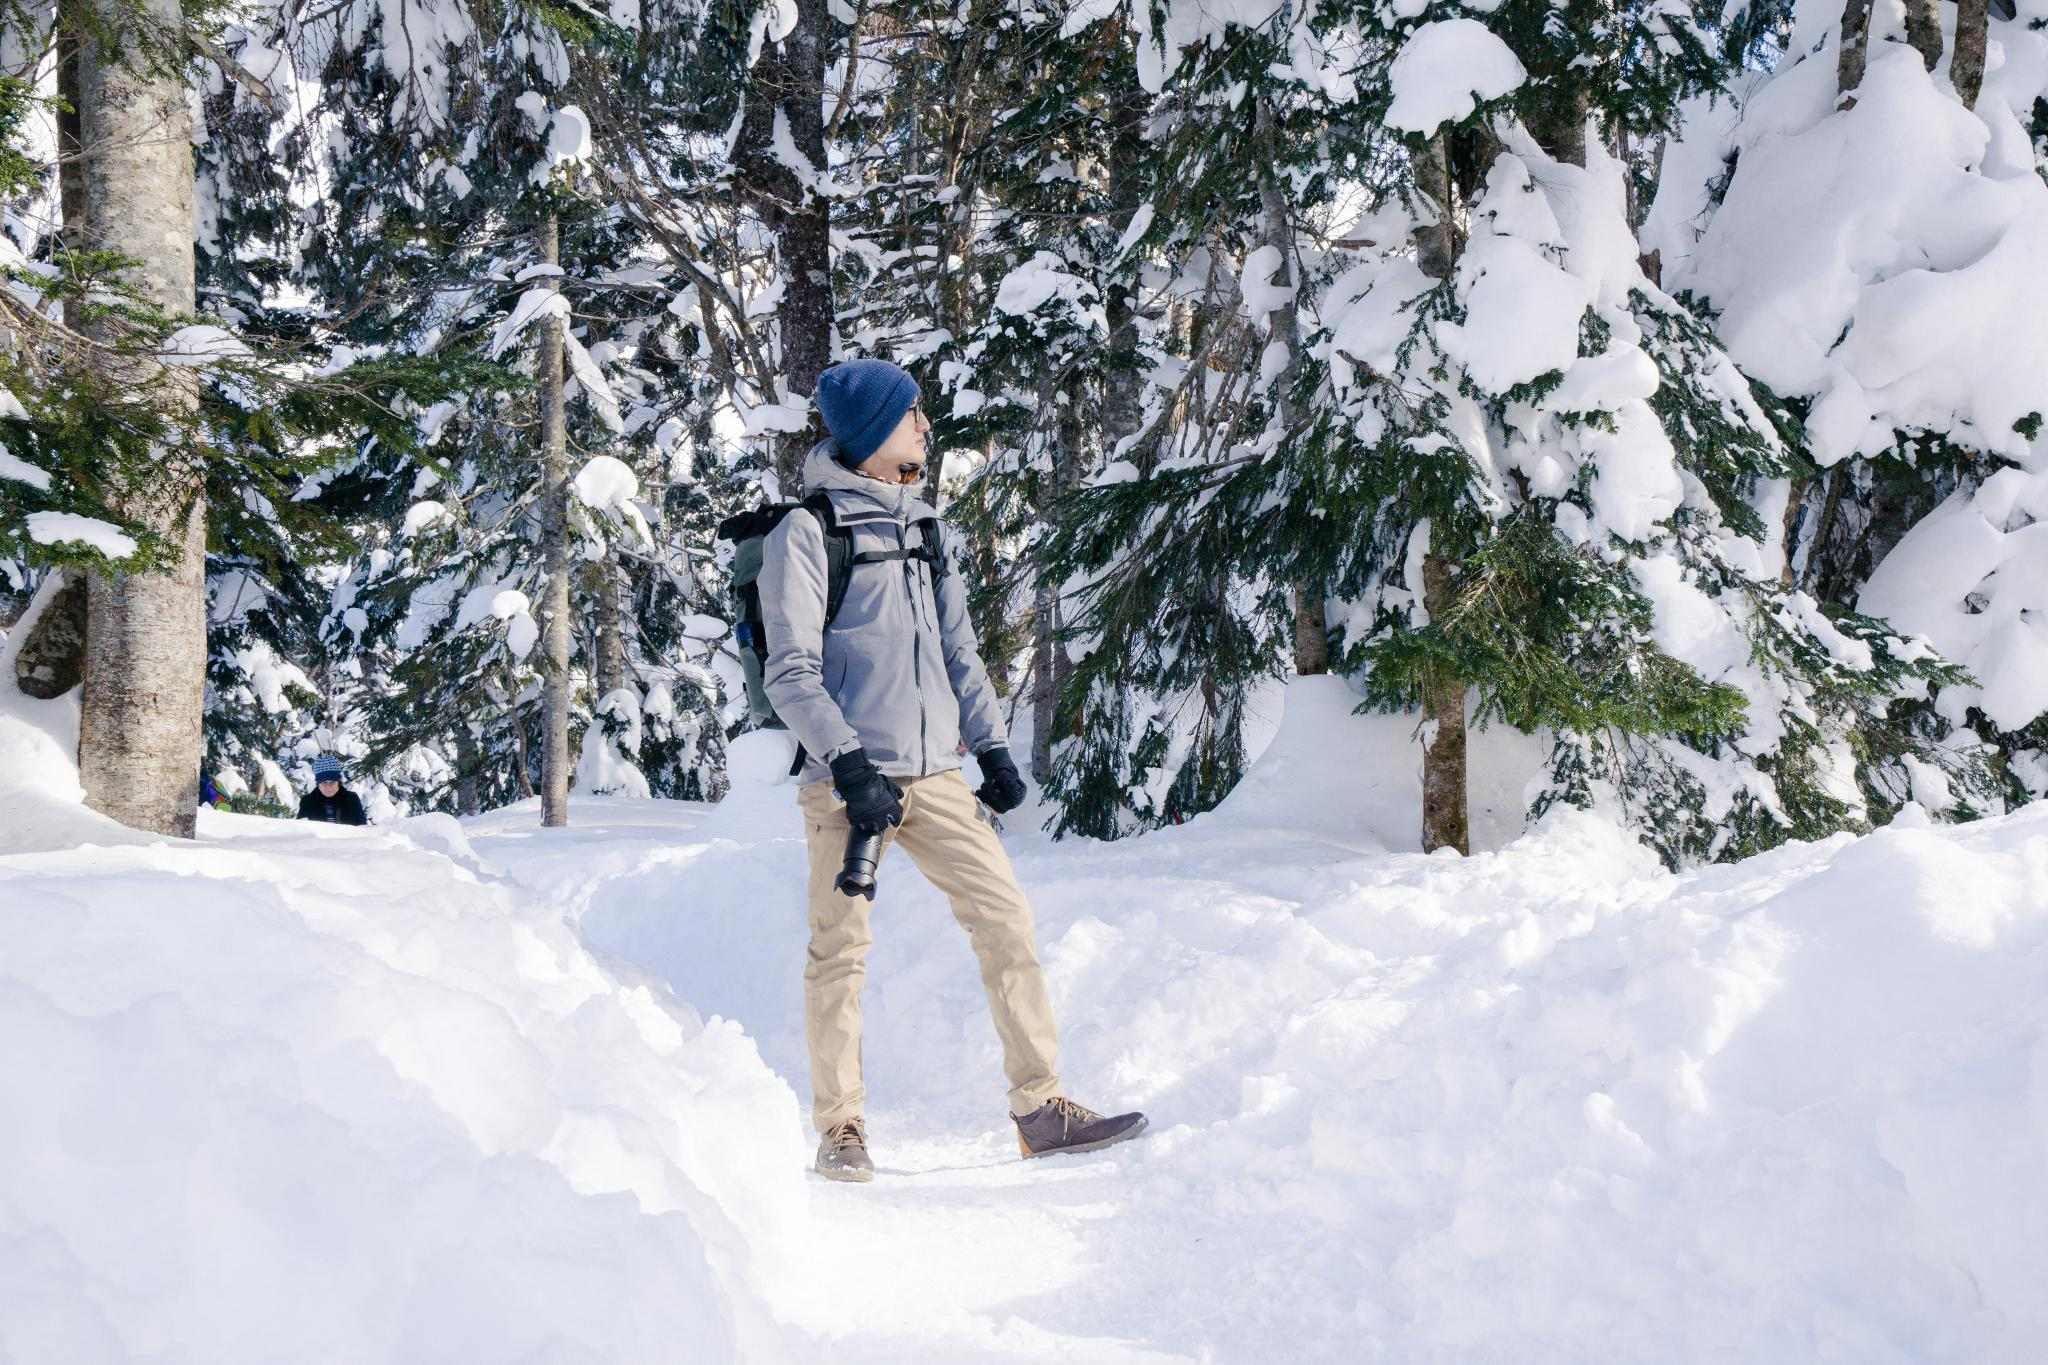 【岐阜】超級推薦!奧飛驒溫泉鄉的冬季戀歌 ~ 新穗高纜車雪景攻略 116